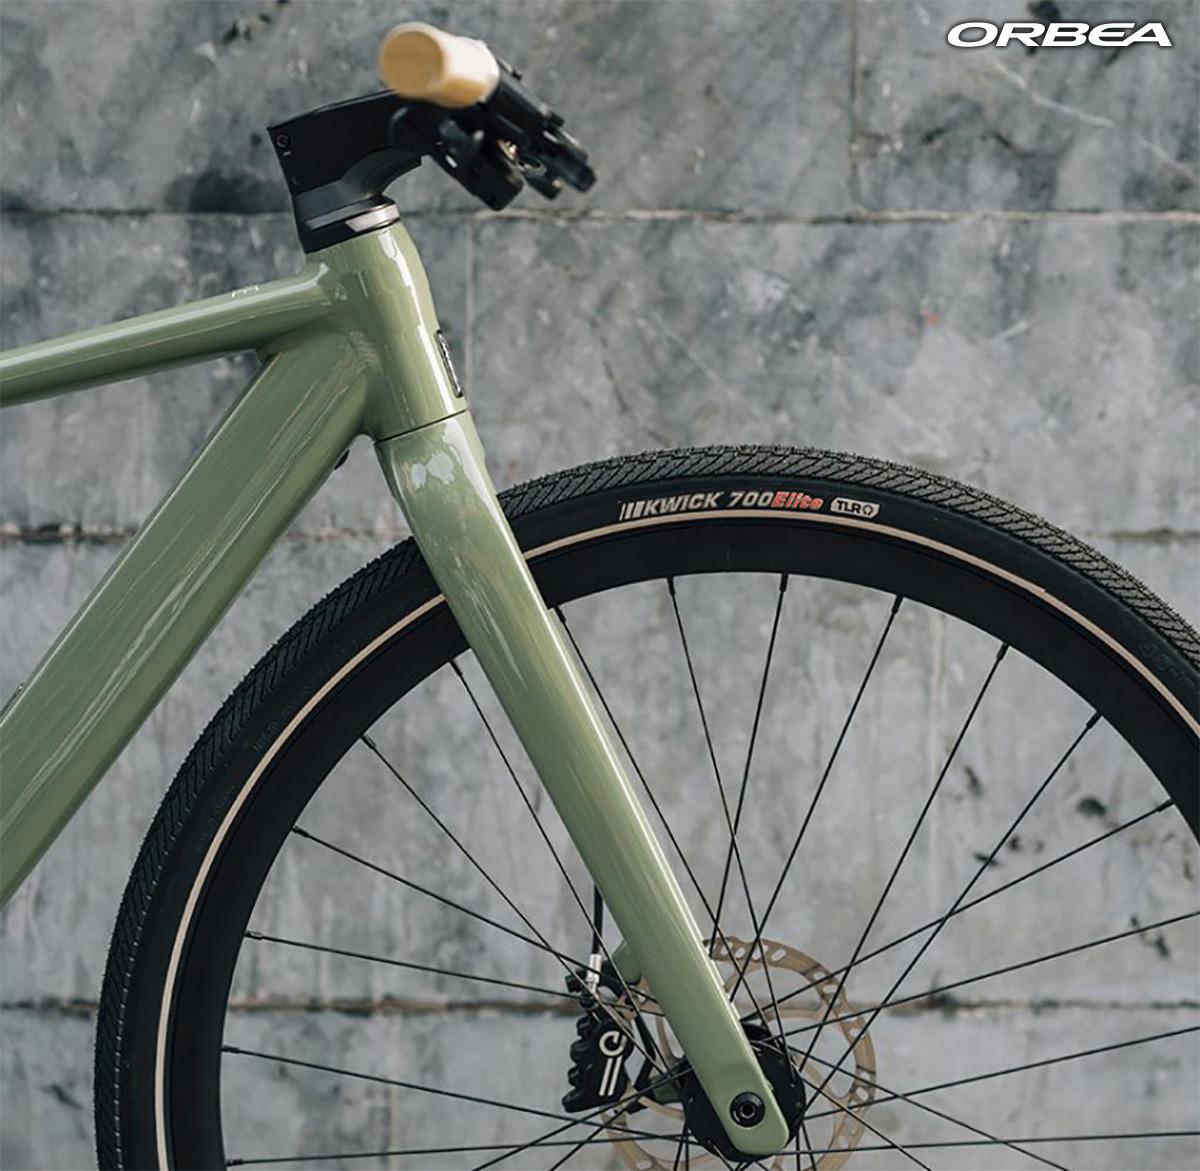 Dettaglio della forcella montata sulla nuova bici elettrica da città Orbea Vibe H10 2022